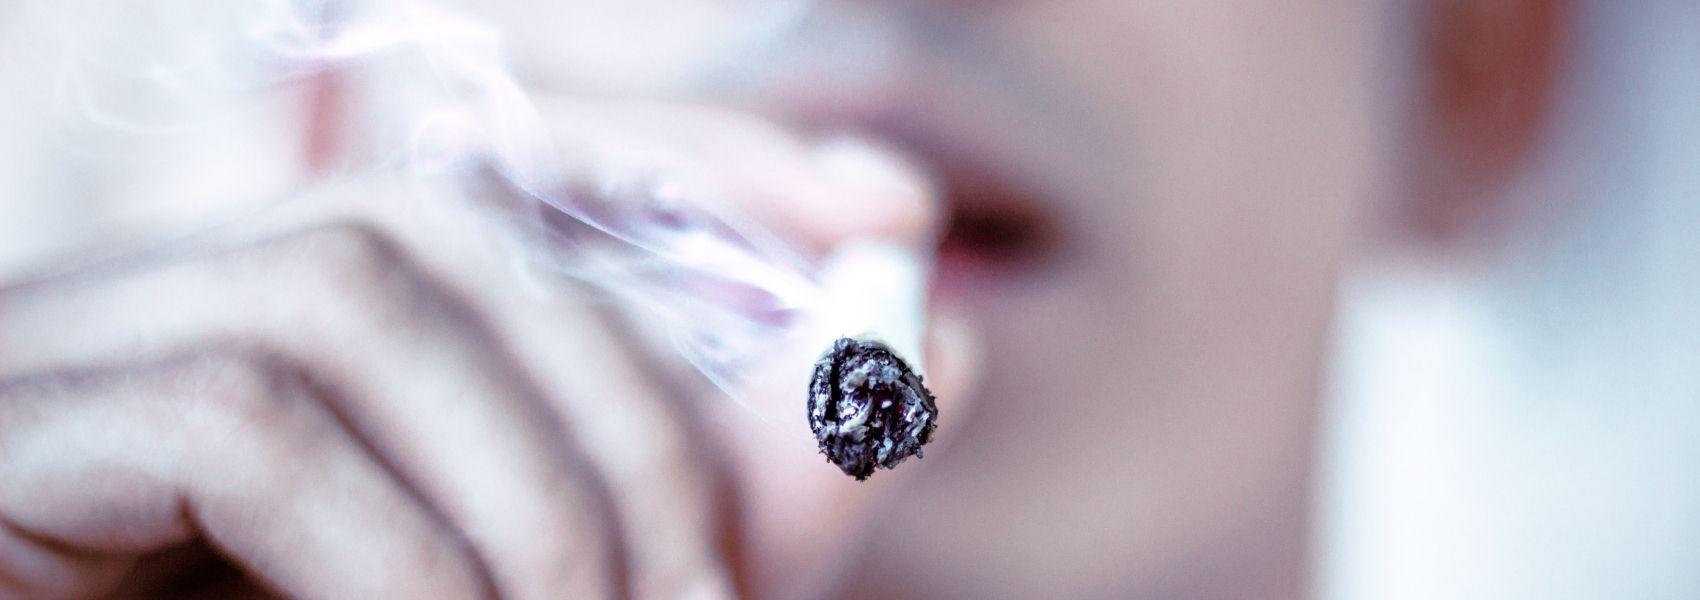 Há um biomarcador no sangue que pode indicar risco de enfarte nos fumadores